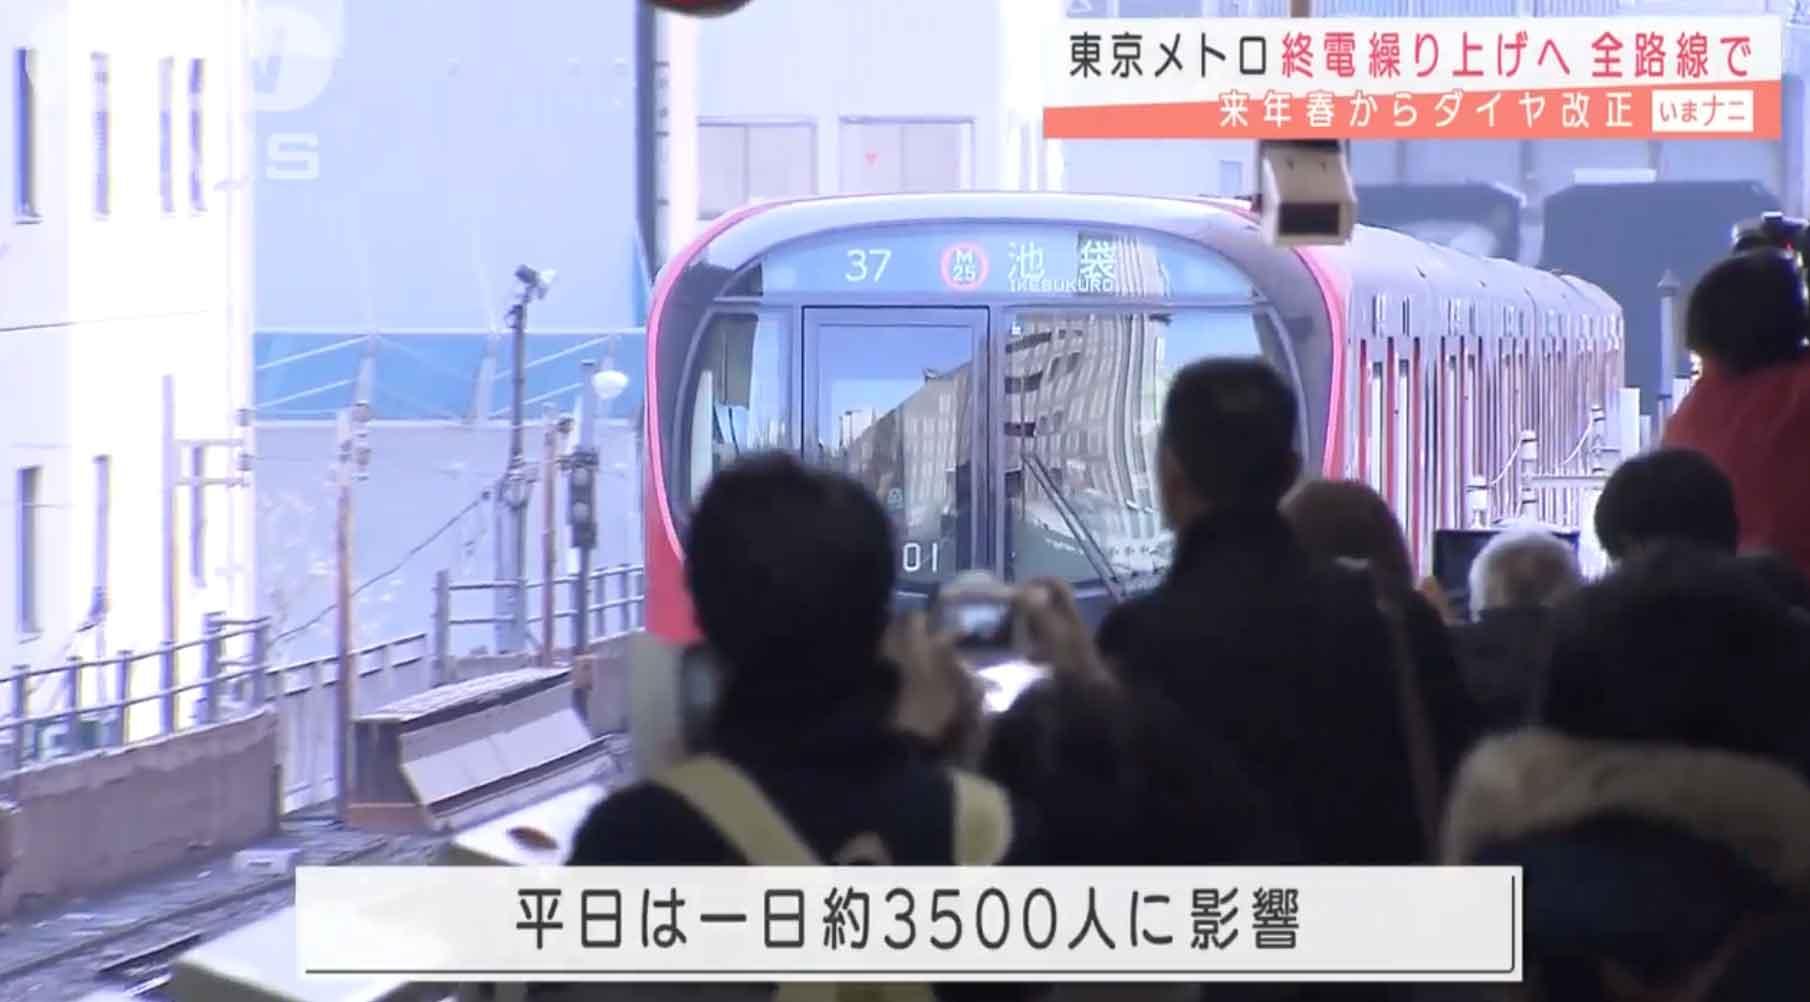 東京METRO 調整尾班車時間-1